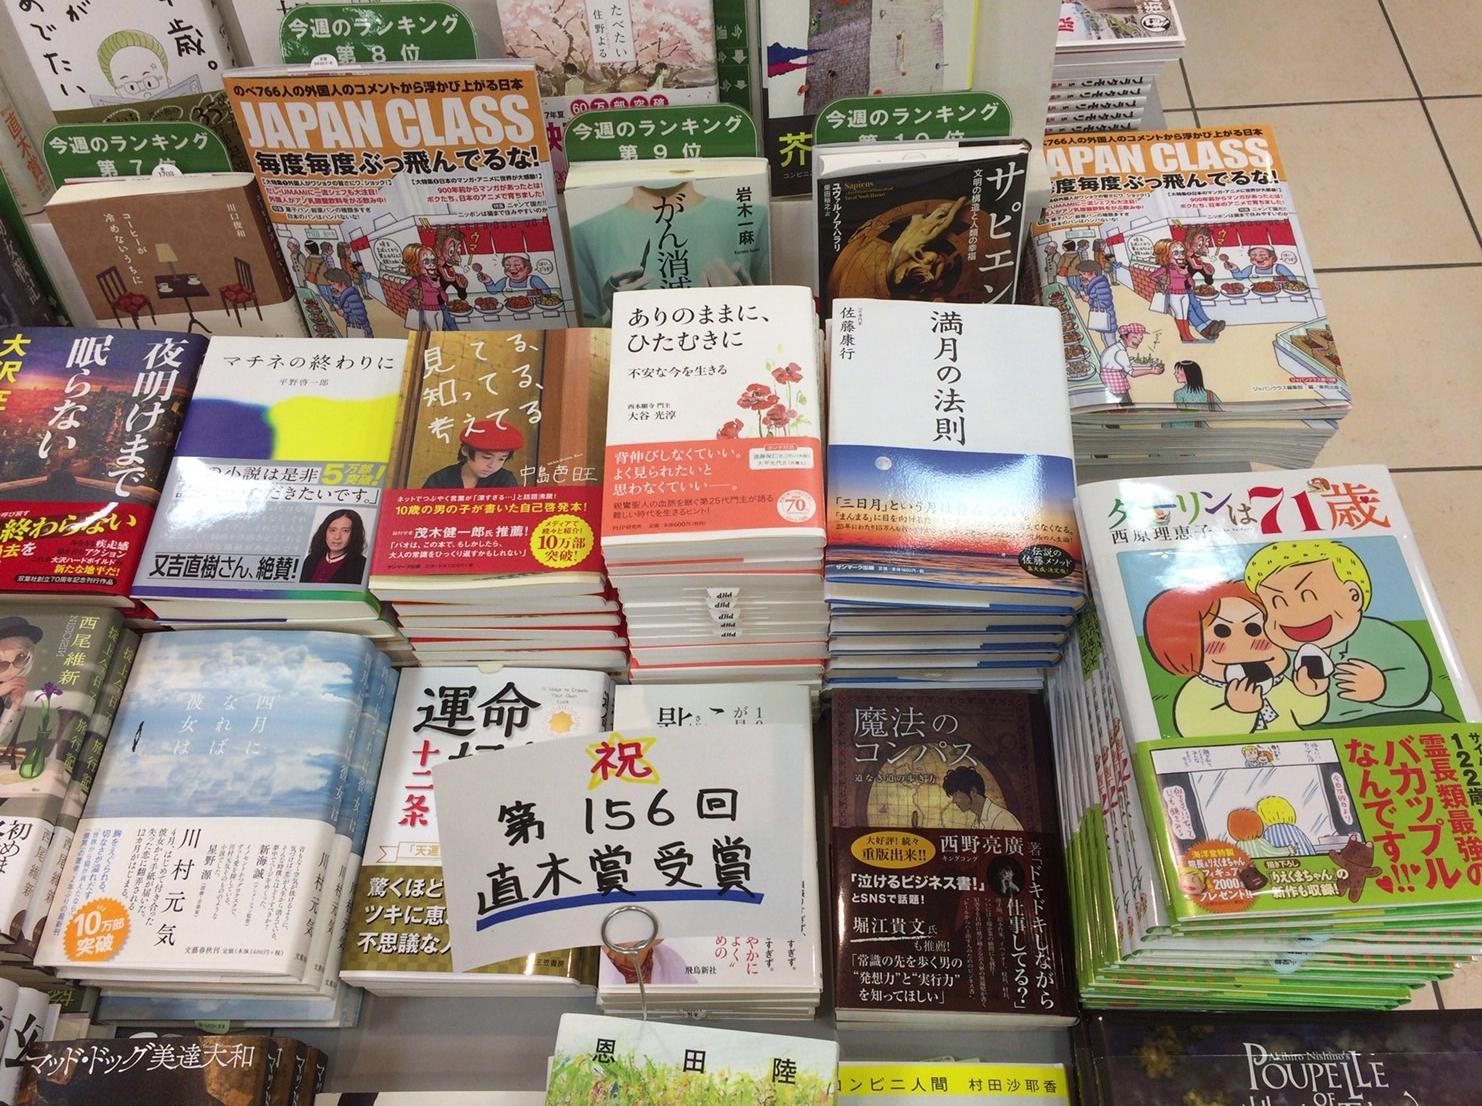 書籍『満月の法則』北海道の宮脇書店 東札幌店でも平積み陳列